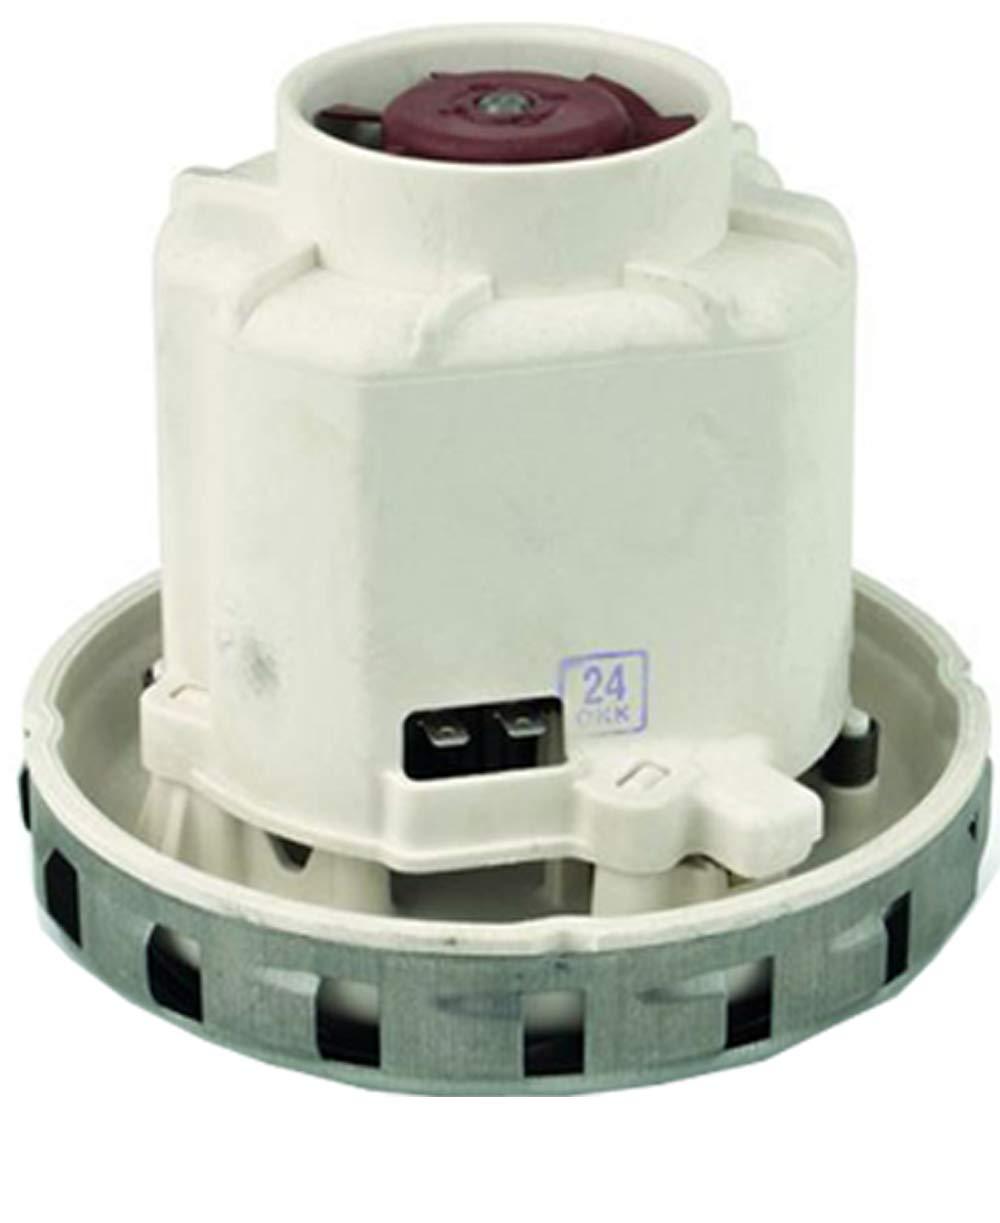 915l Motor aspiración Domel para aspirador mirka: Amazon.es: Industria, empresas y ciencia